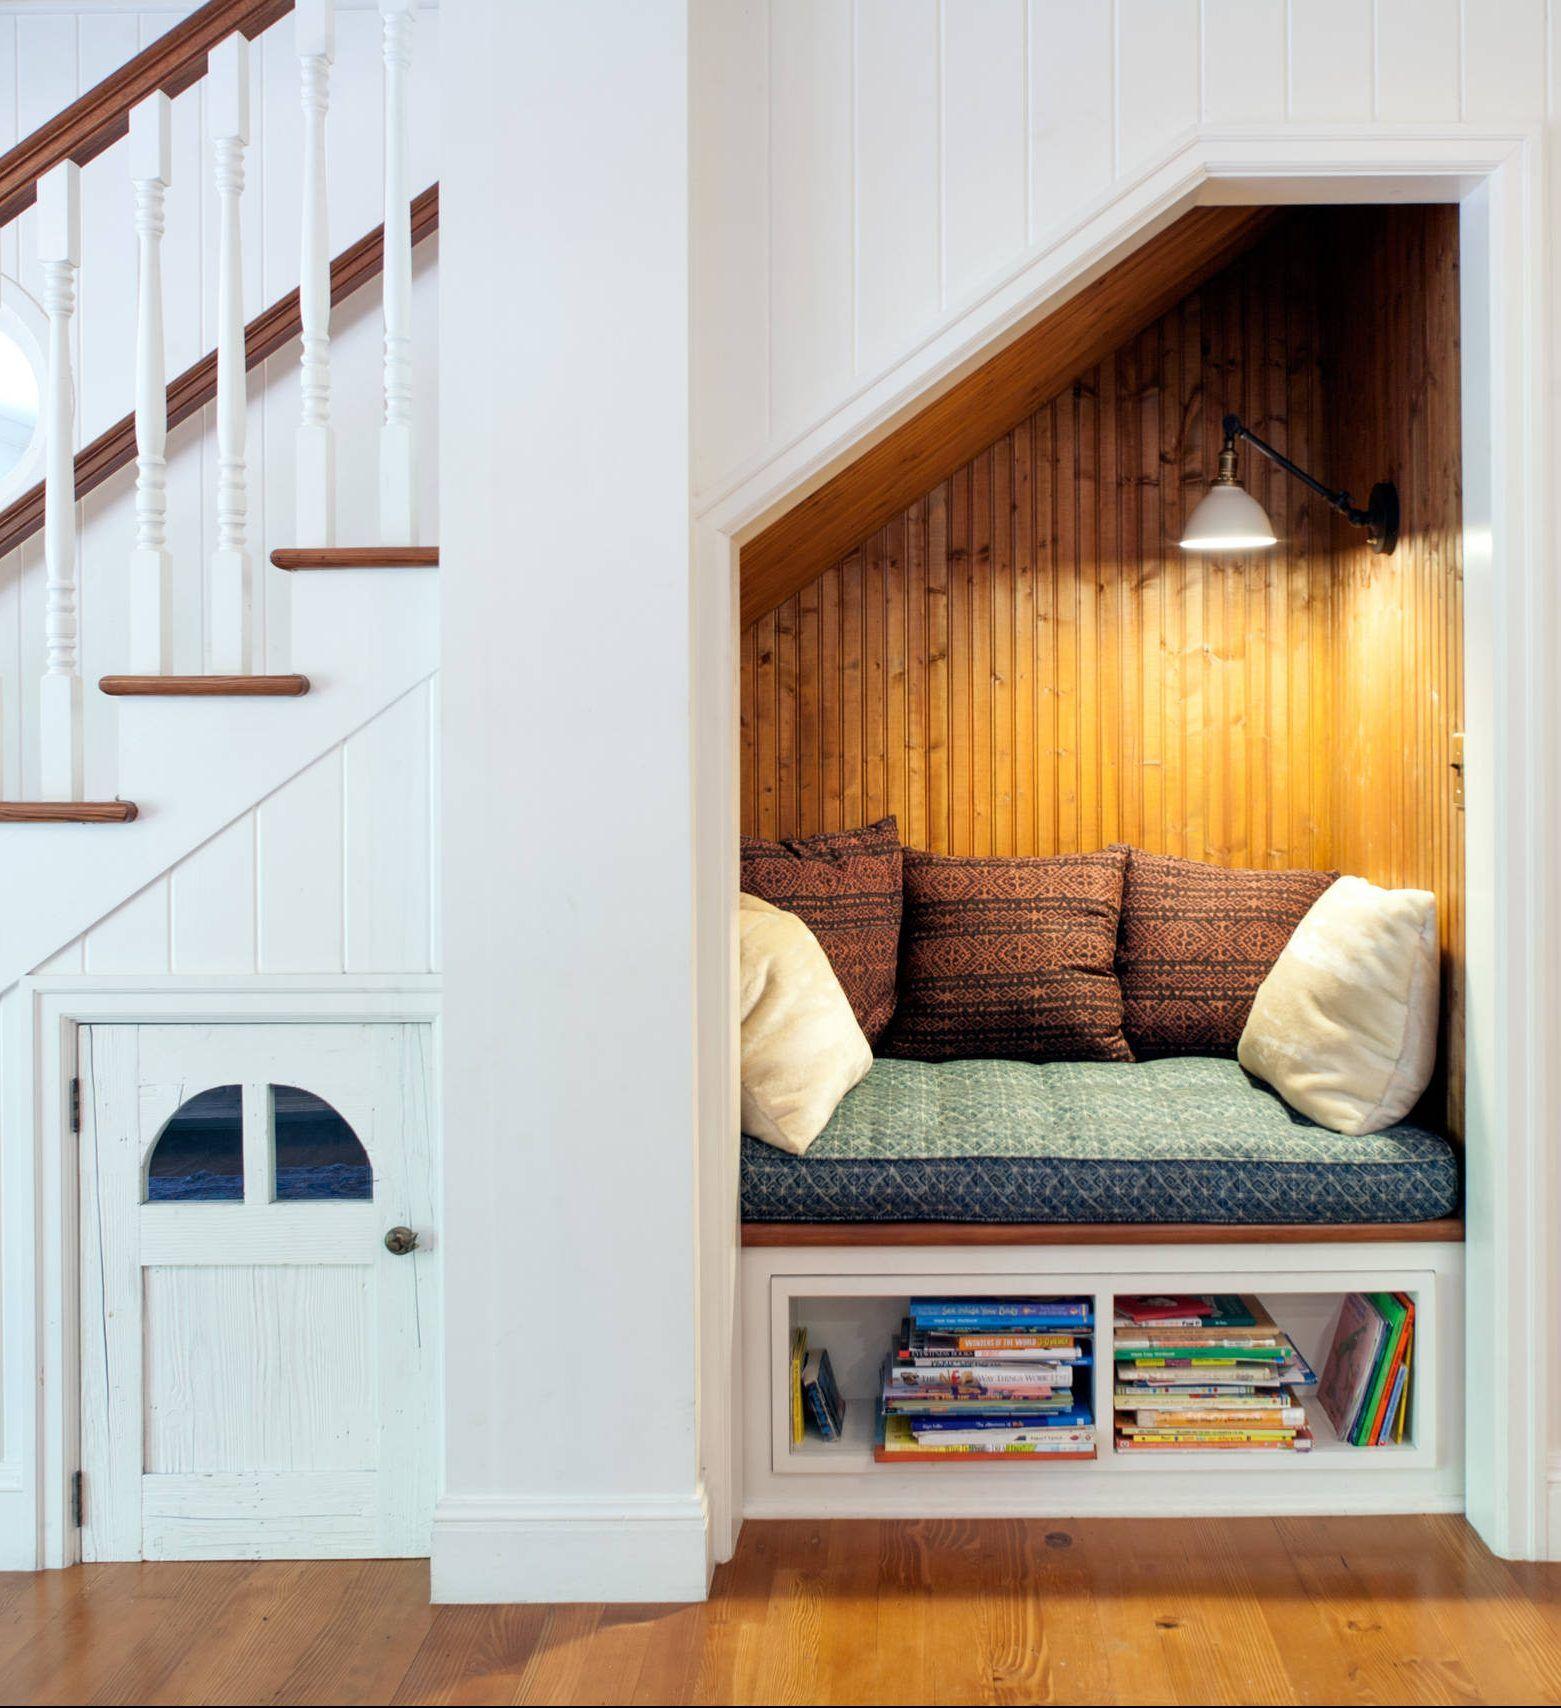 26 Incredible Under The Stairs Utilization Ideas: 20 Astuces Pour Aménager Un Dessous D'escalier